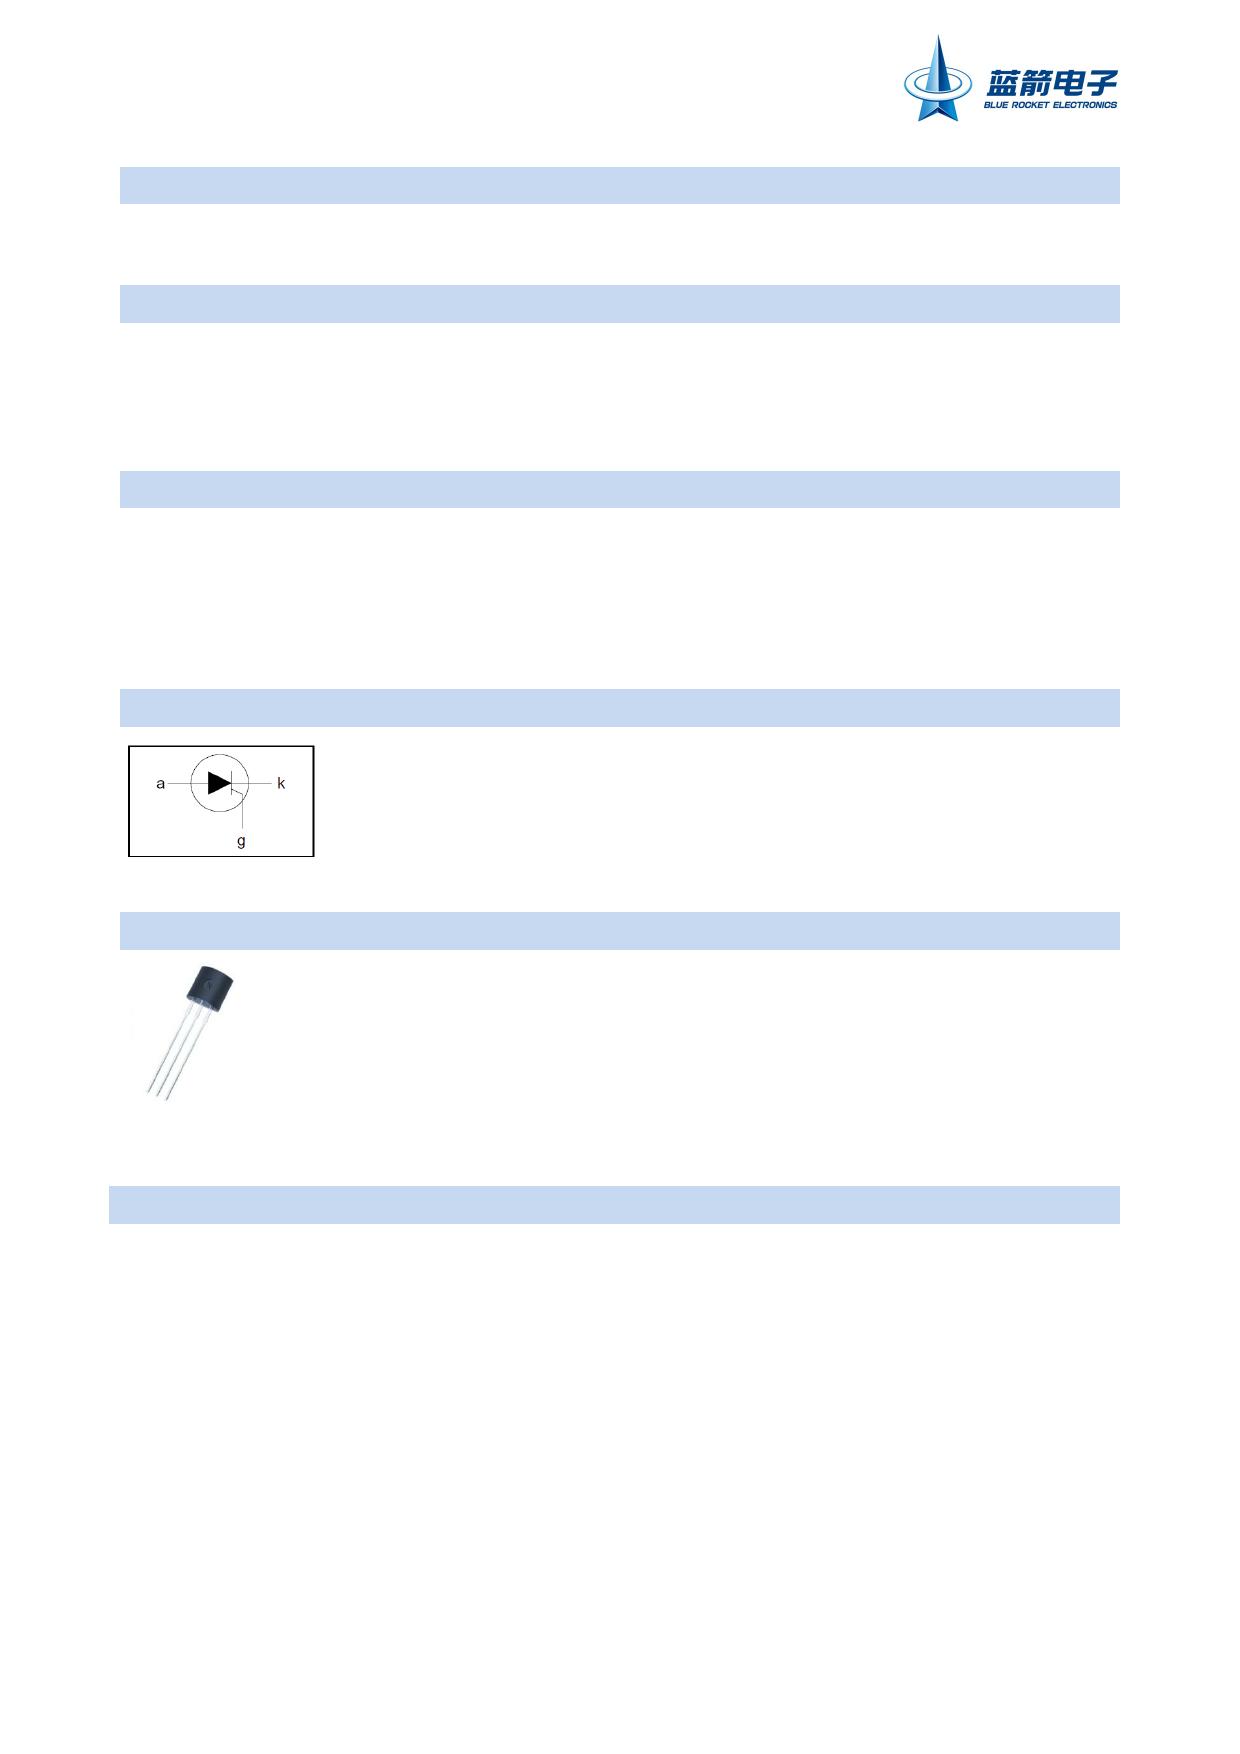 X0205MA datasheet